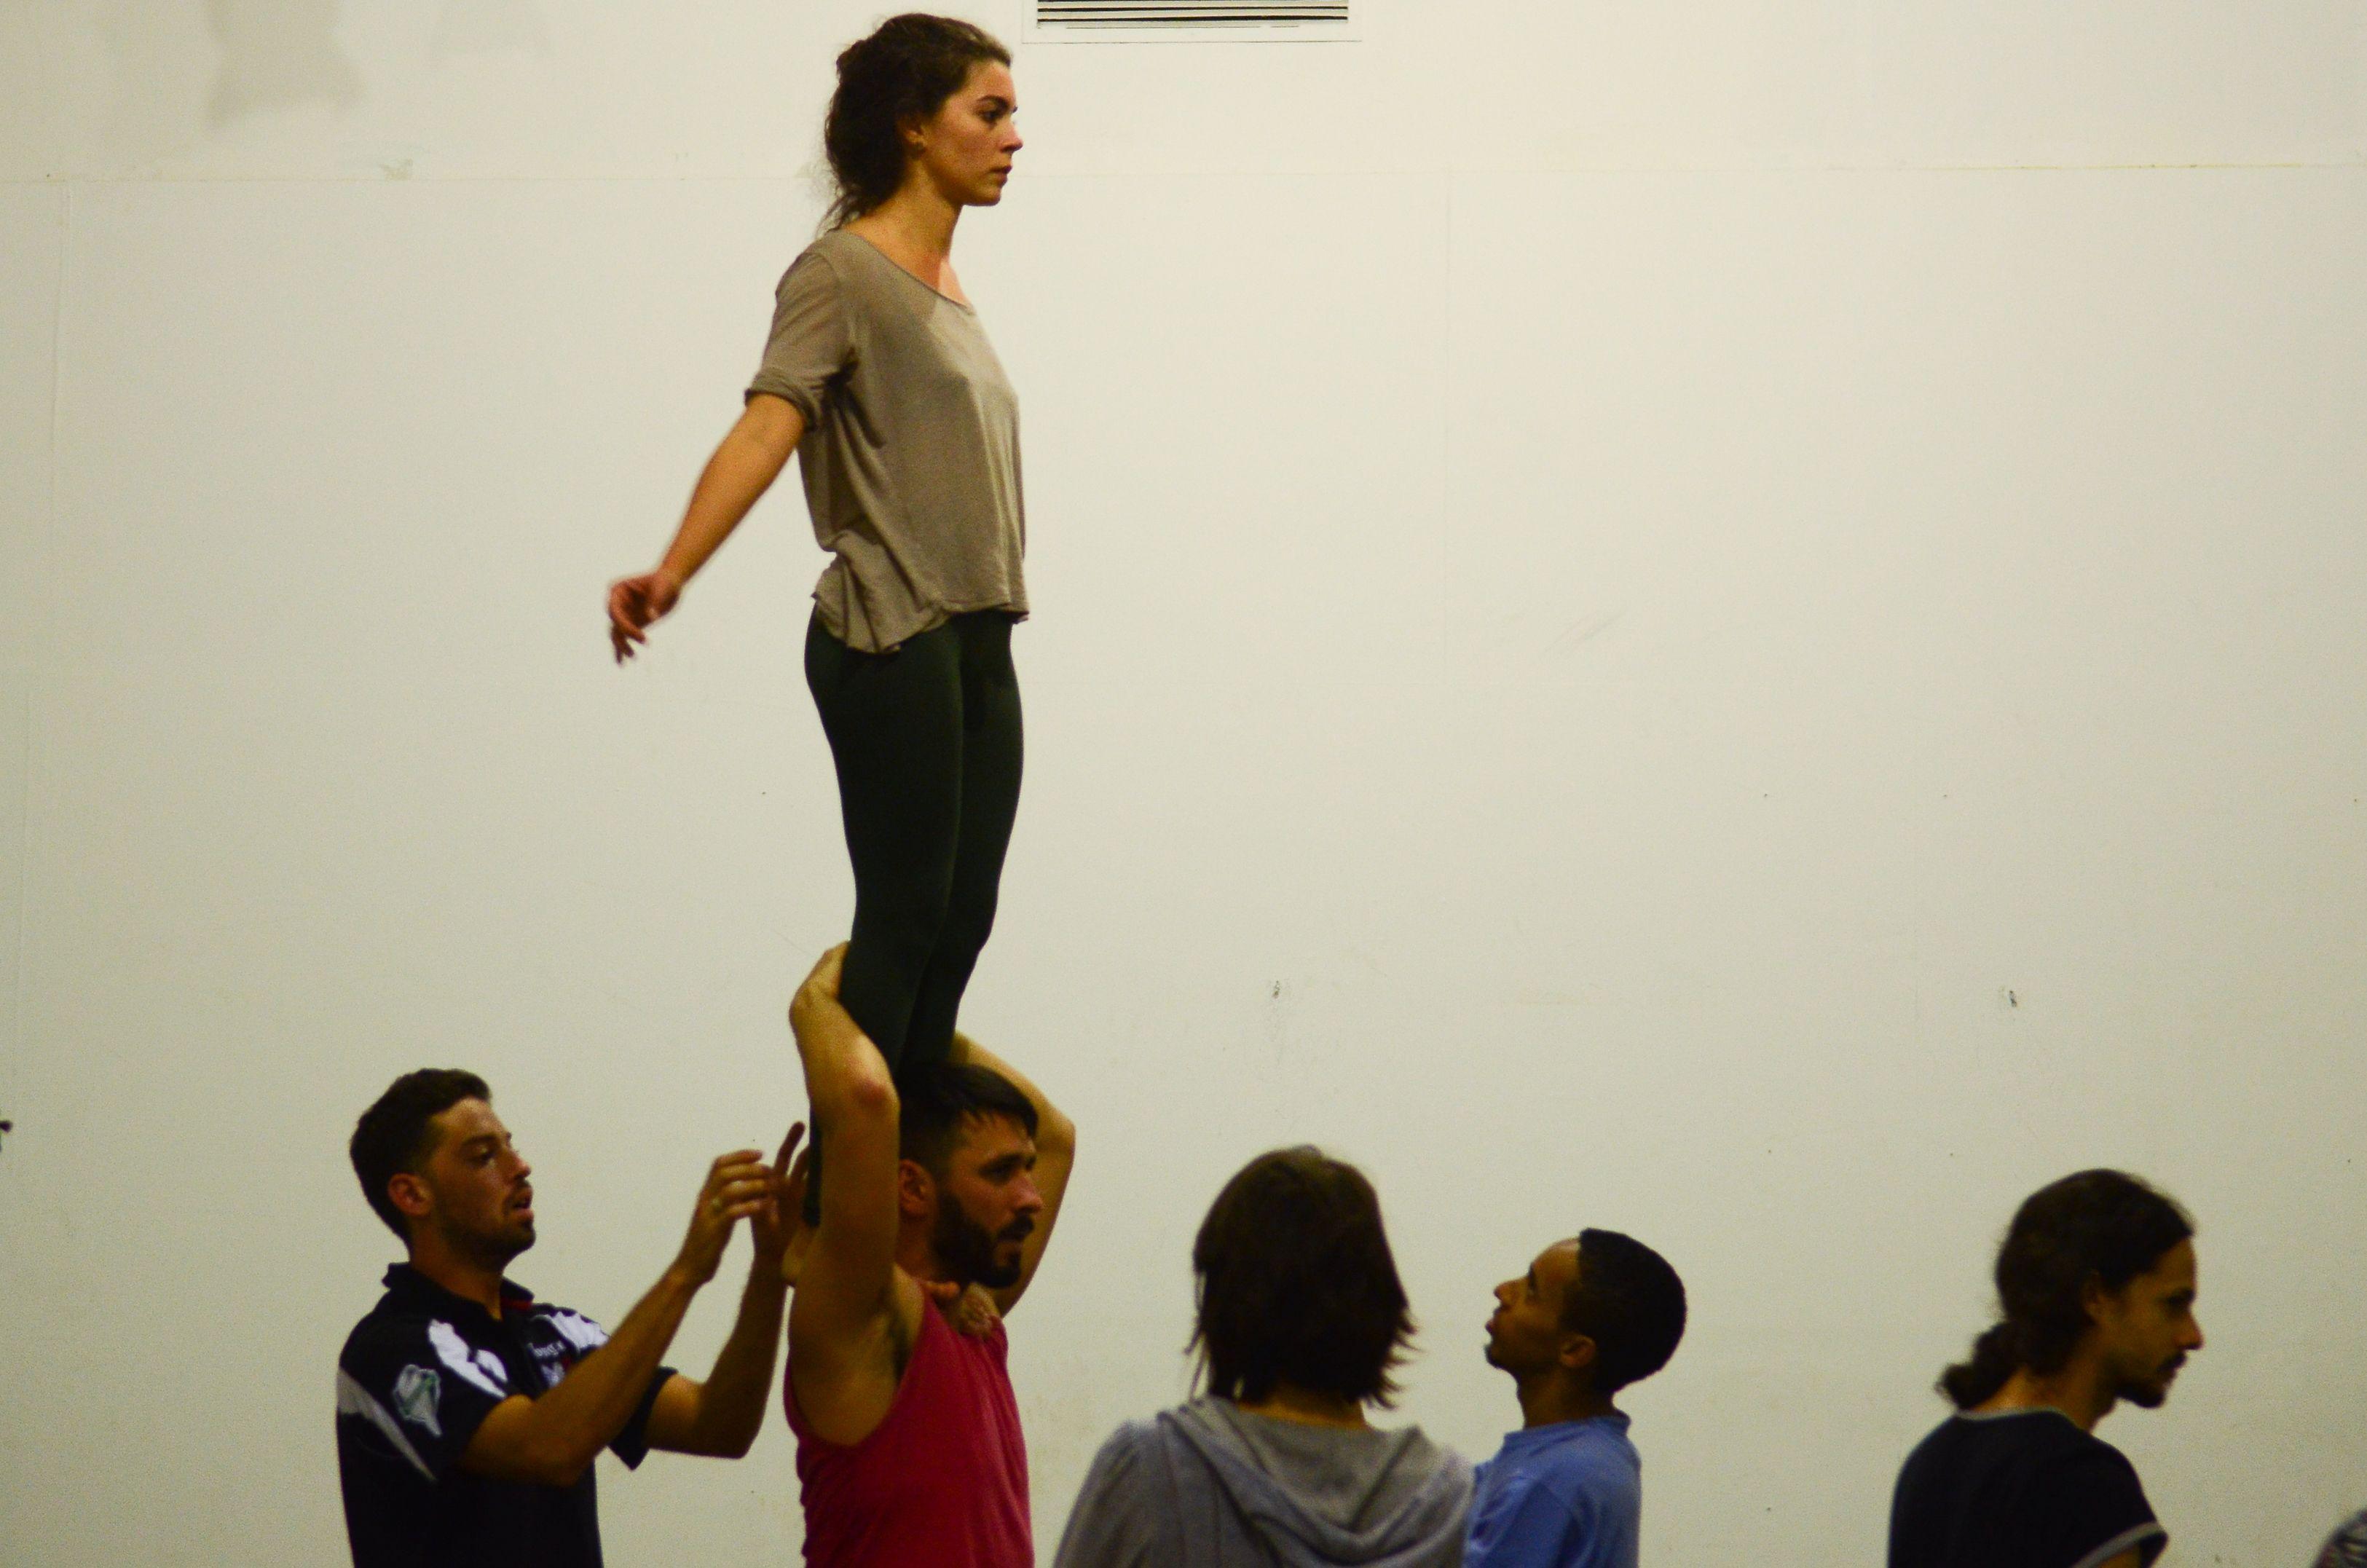 Ocupação do Complexo Cultural Funarte, por artistas e estudantes em protesto contra o governo interino de Temer, e o fechamento do Ministério da Cultura - Foto: Rovena Rosa/Agência Brasil